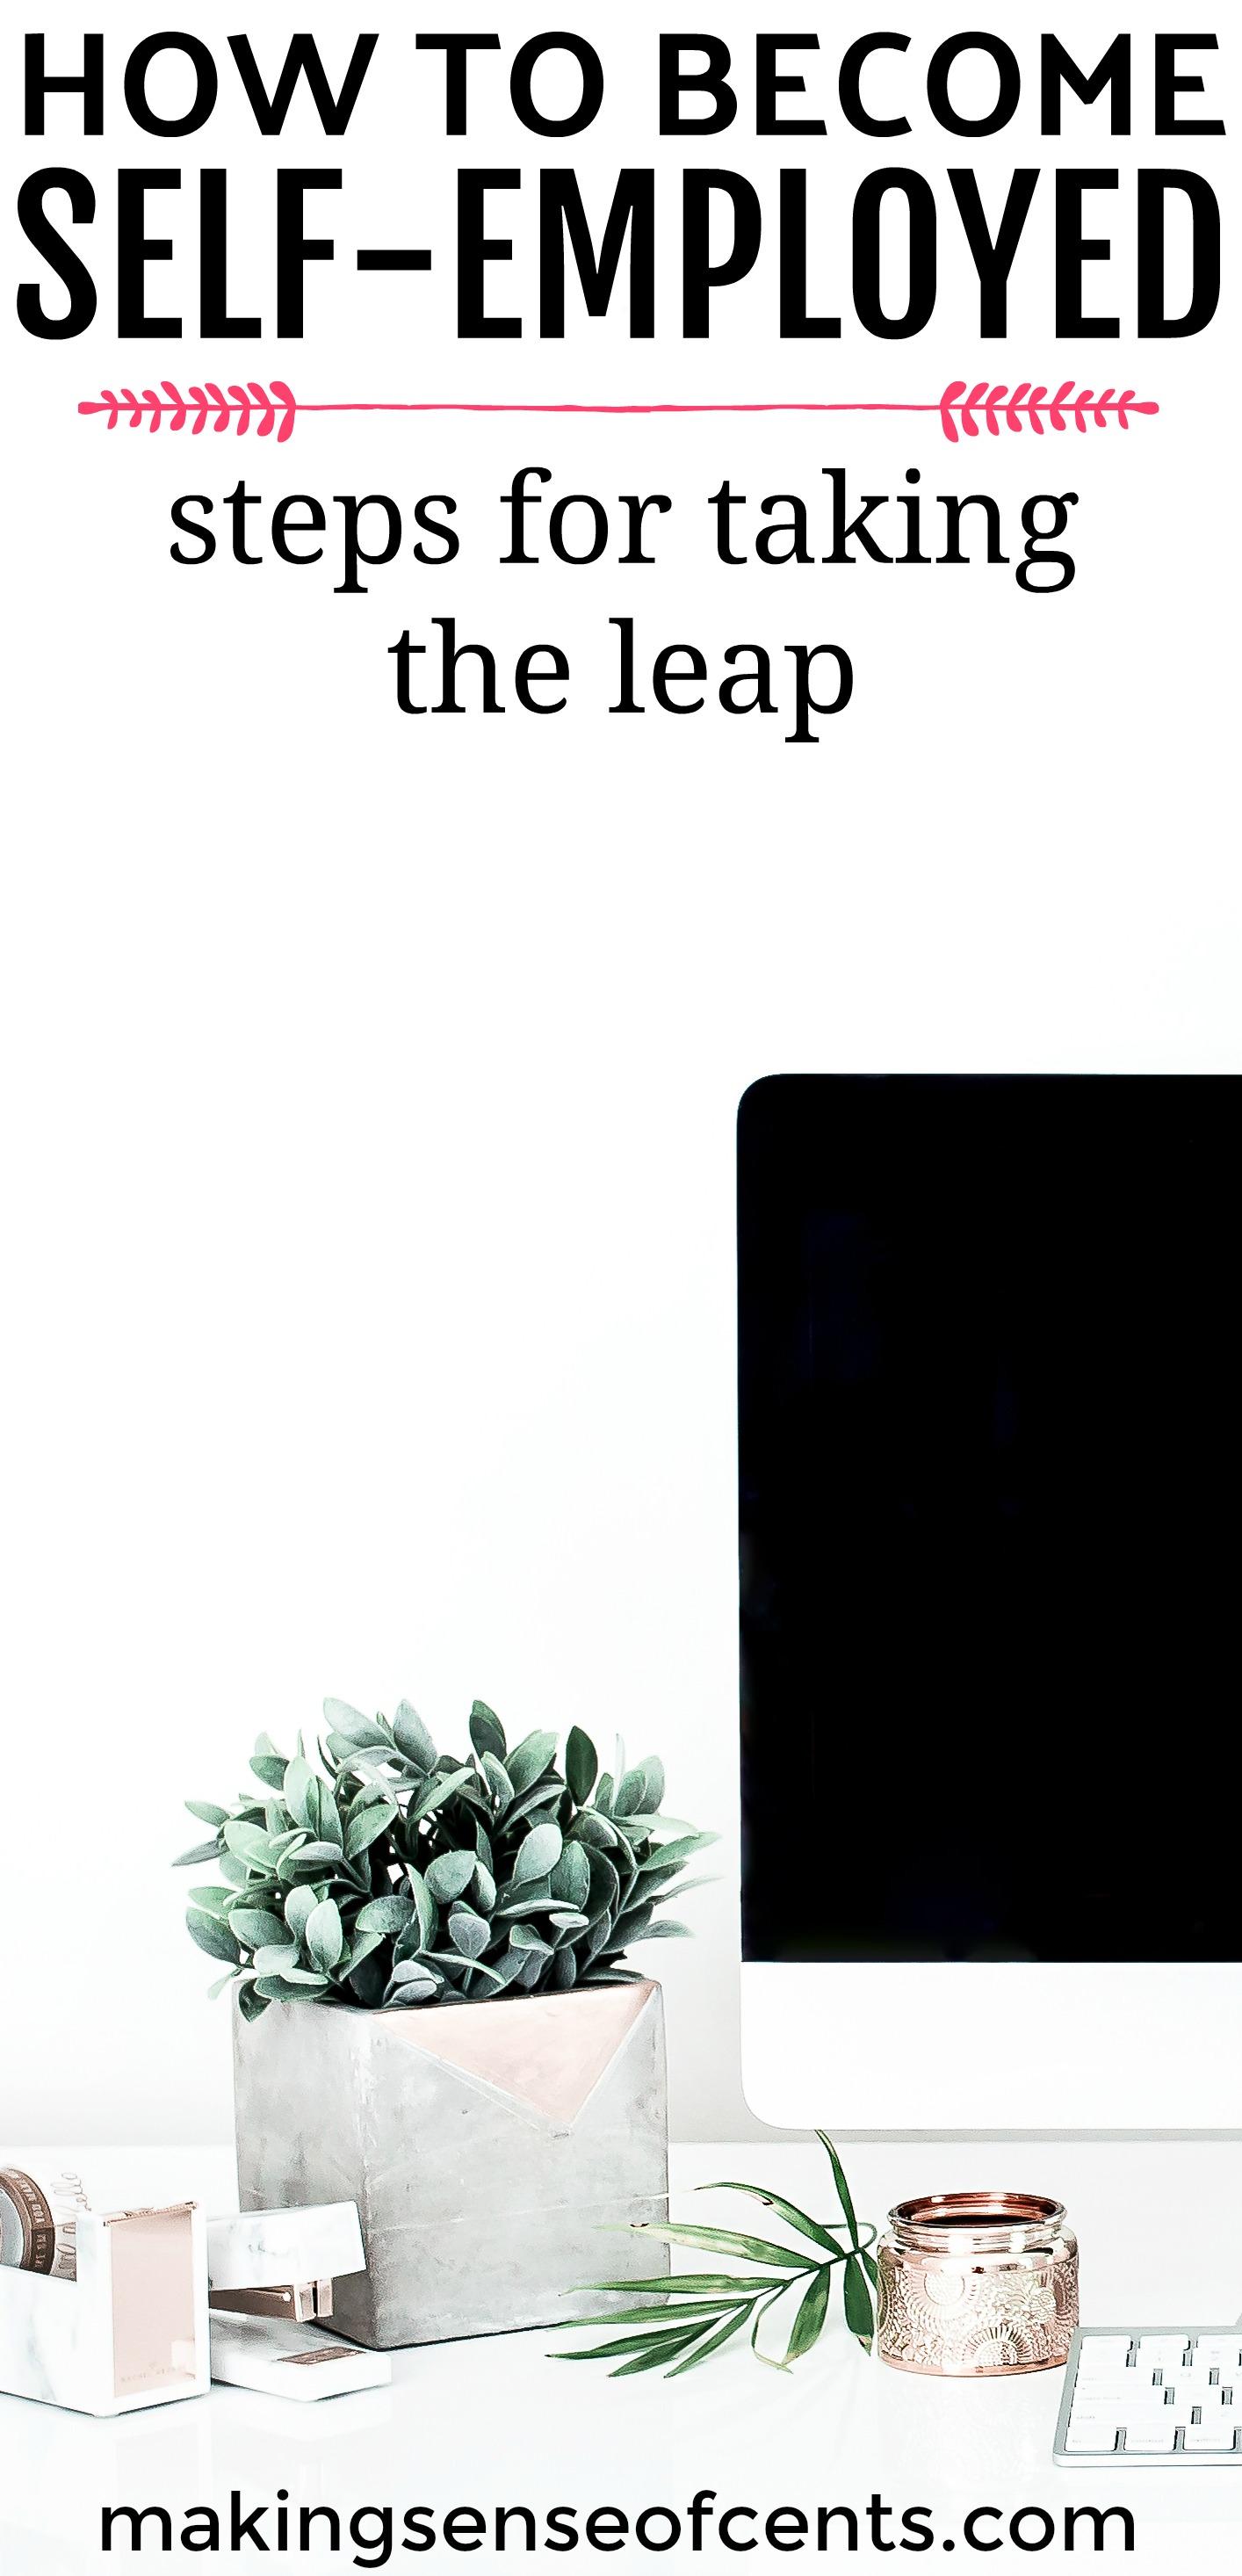 Descubra cómo trabajar por cuenta propia y los pasos exactos que debe seguir antes de dar el salto.